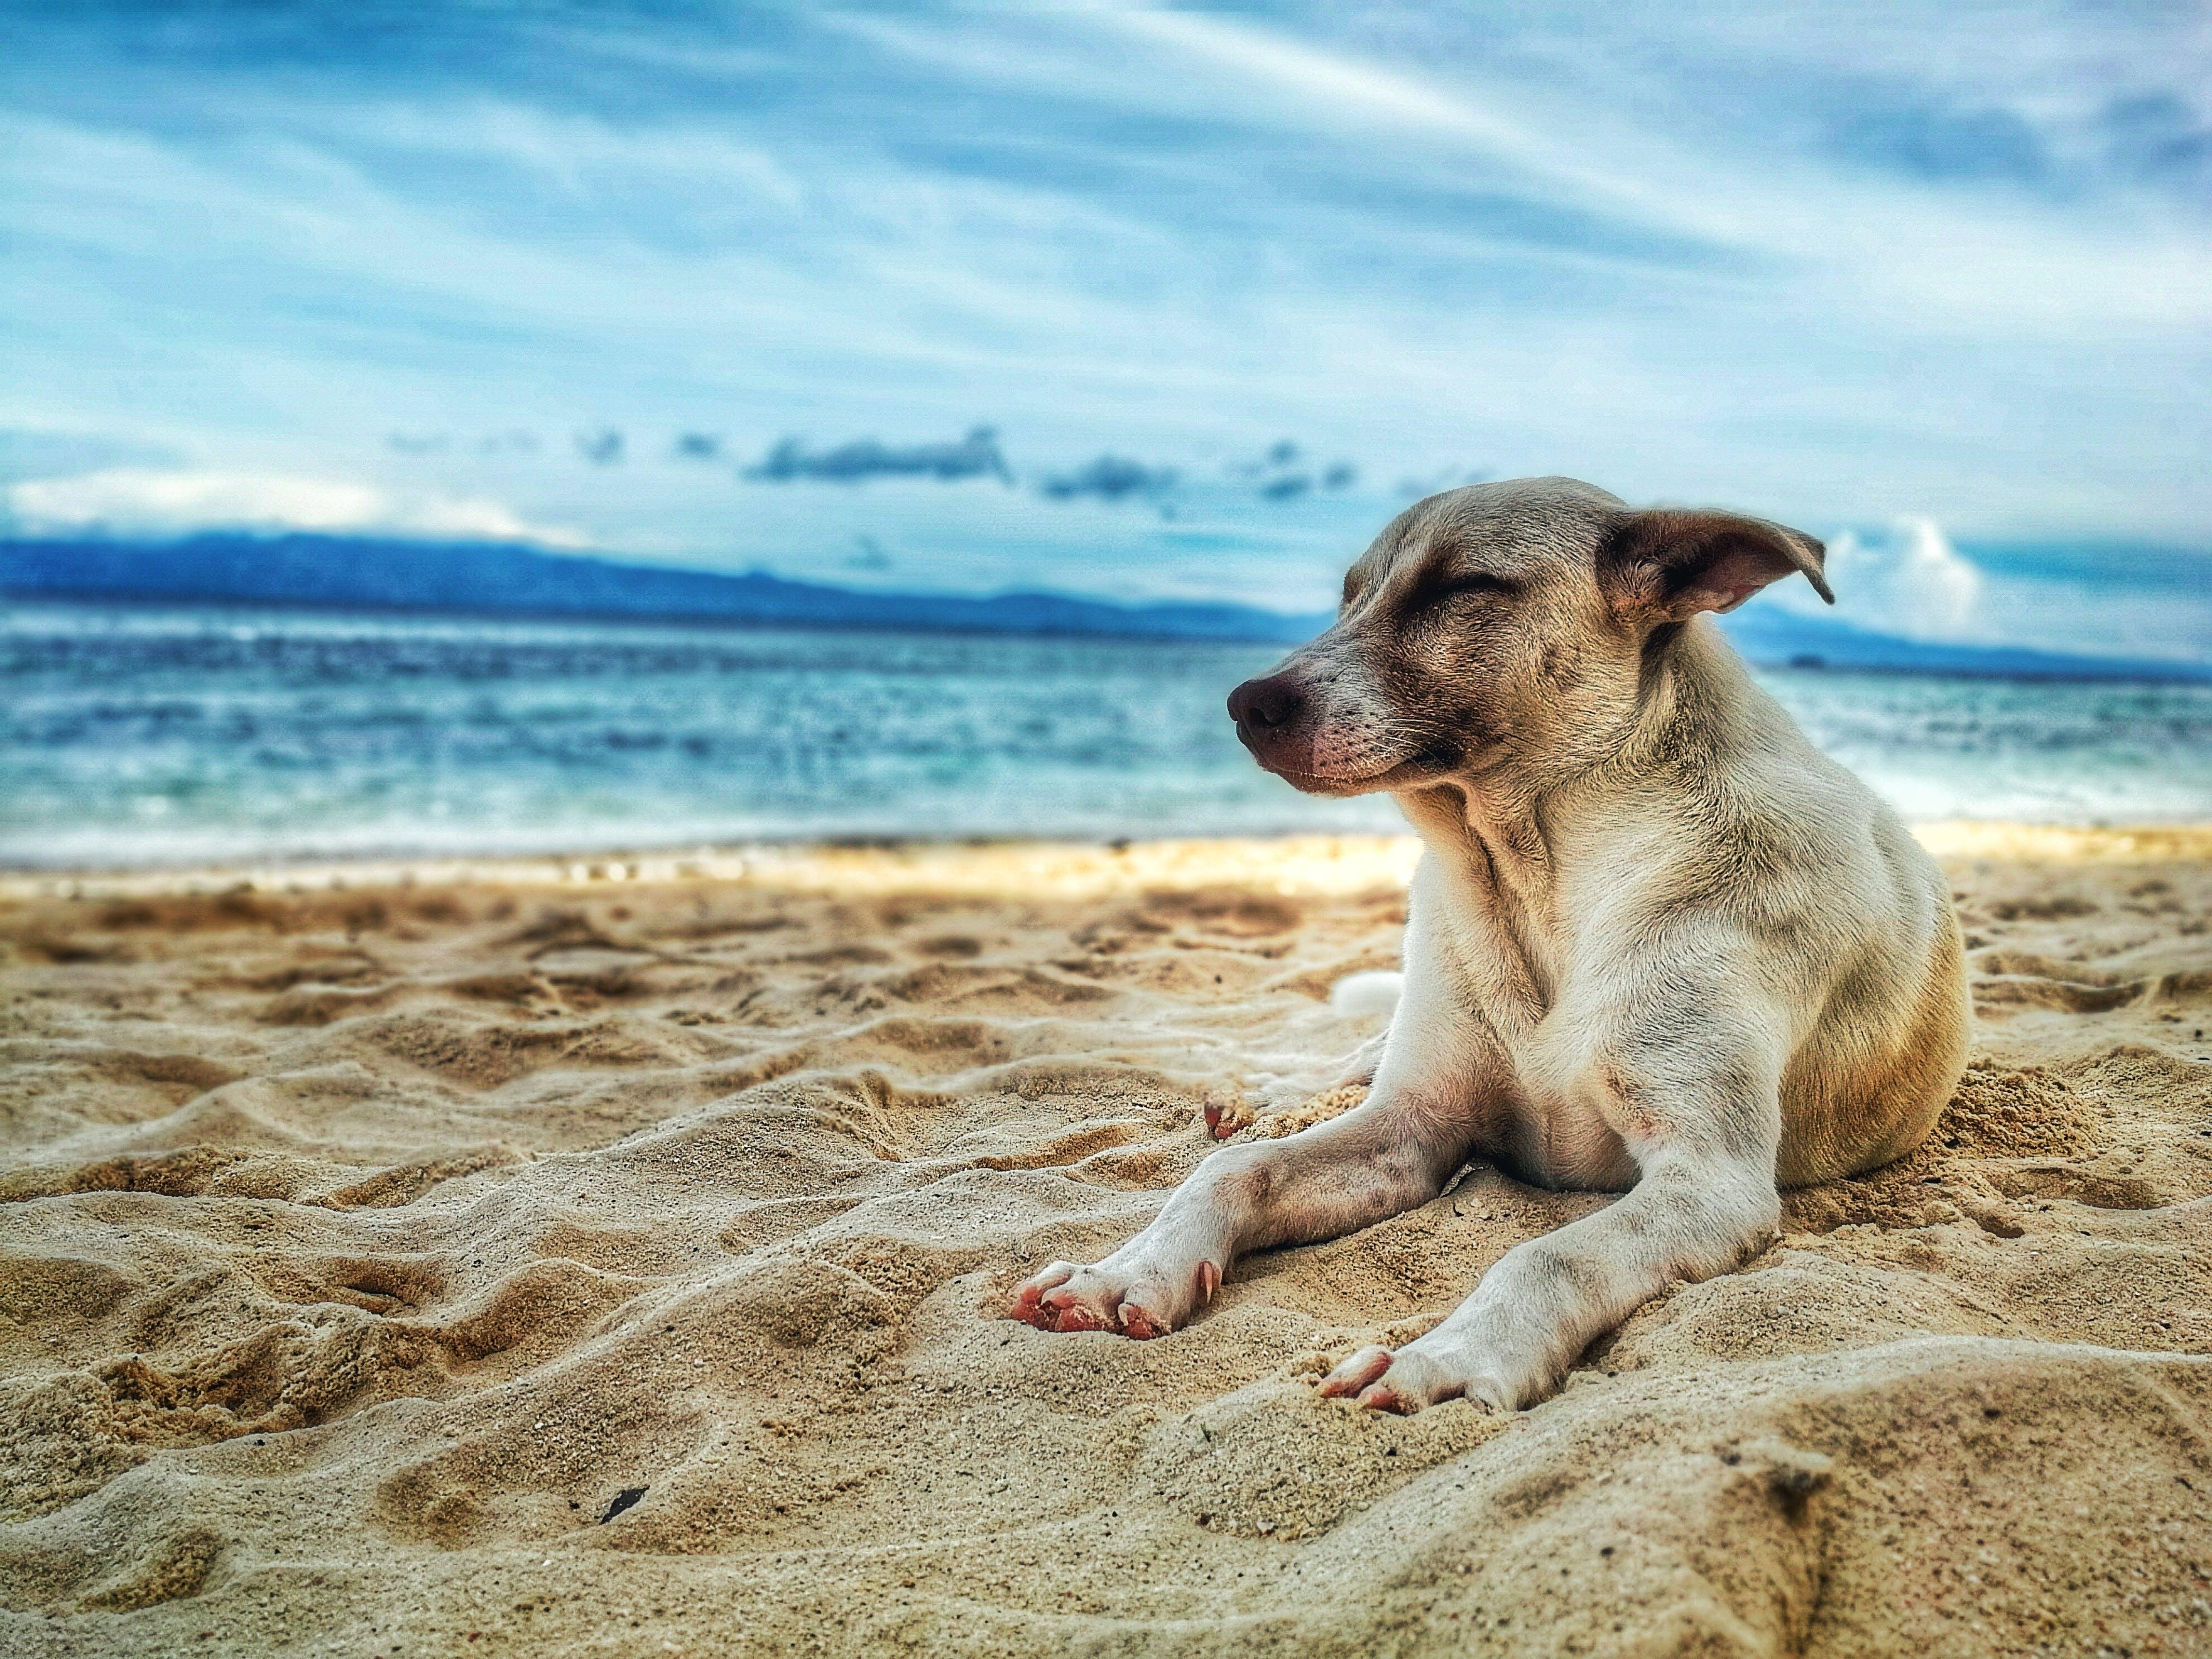 Základová fotografie zdarma na téma chlad, domácí mazlíček, dovolená, horizont